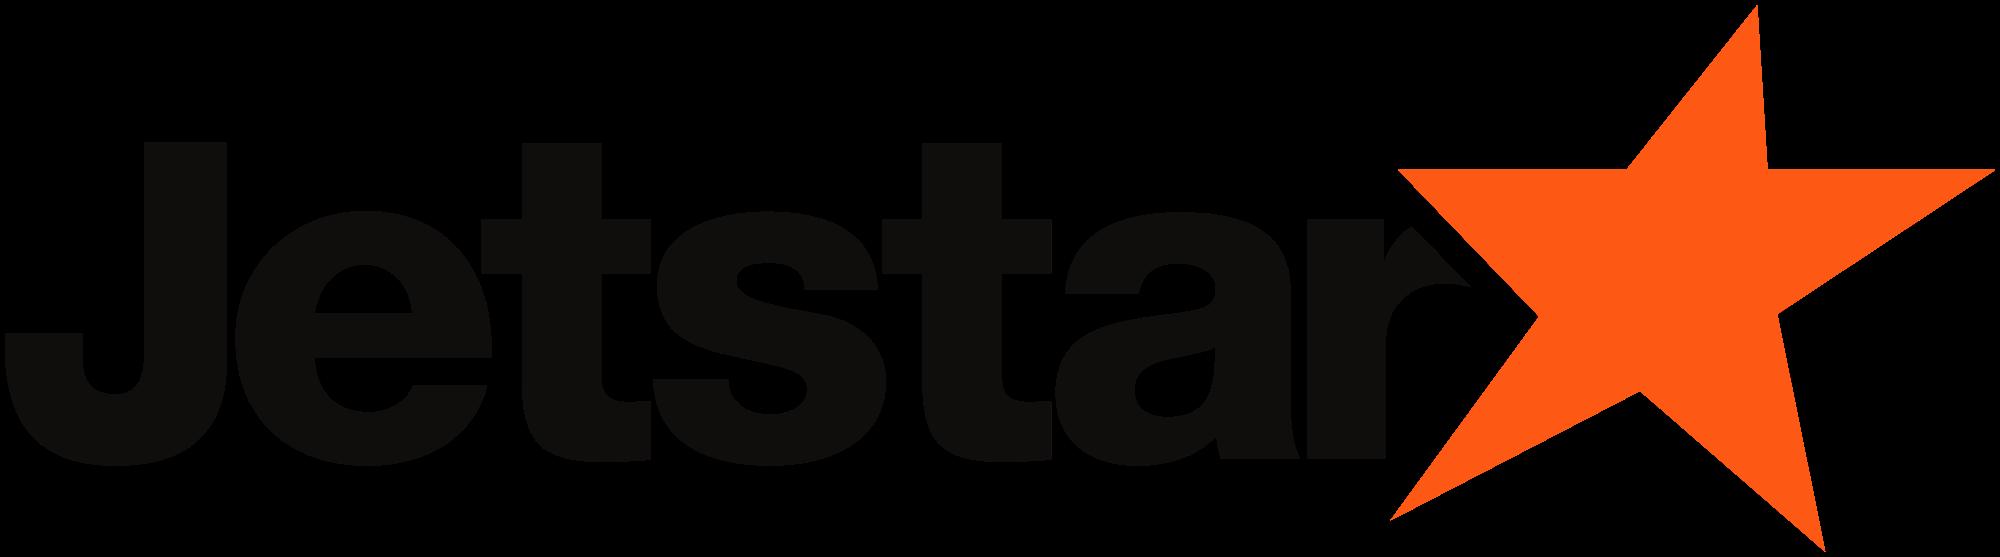 2003 Jetstar Airways Collingwood Melbourne Victoria Australia Jetstarairways Collingwood L4739 Jetstar Airline Logo Jetstar Airways